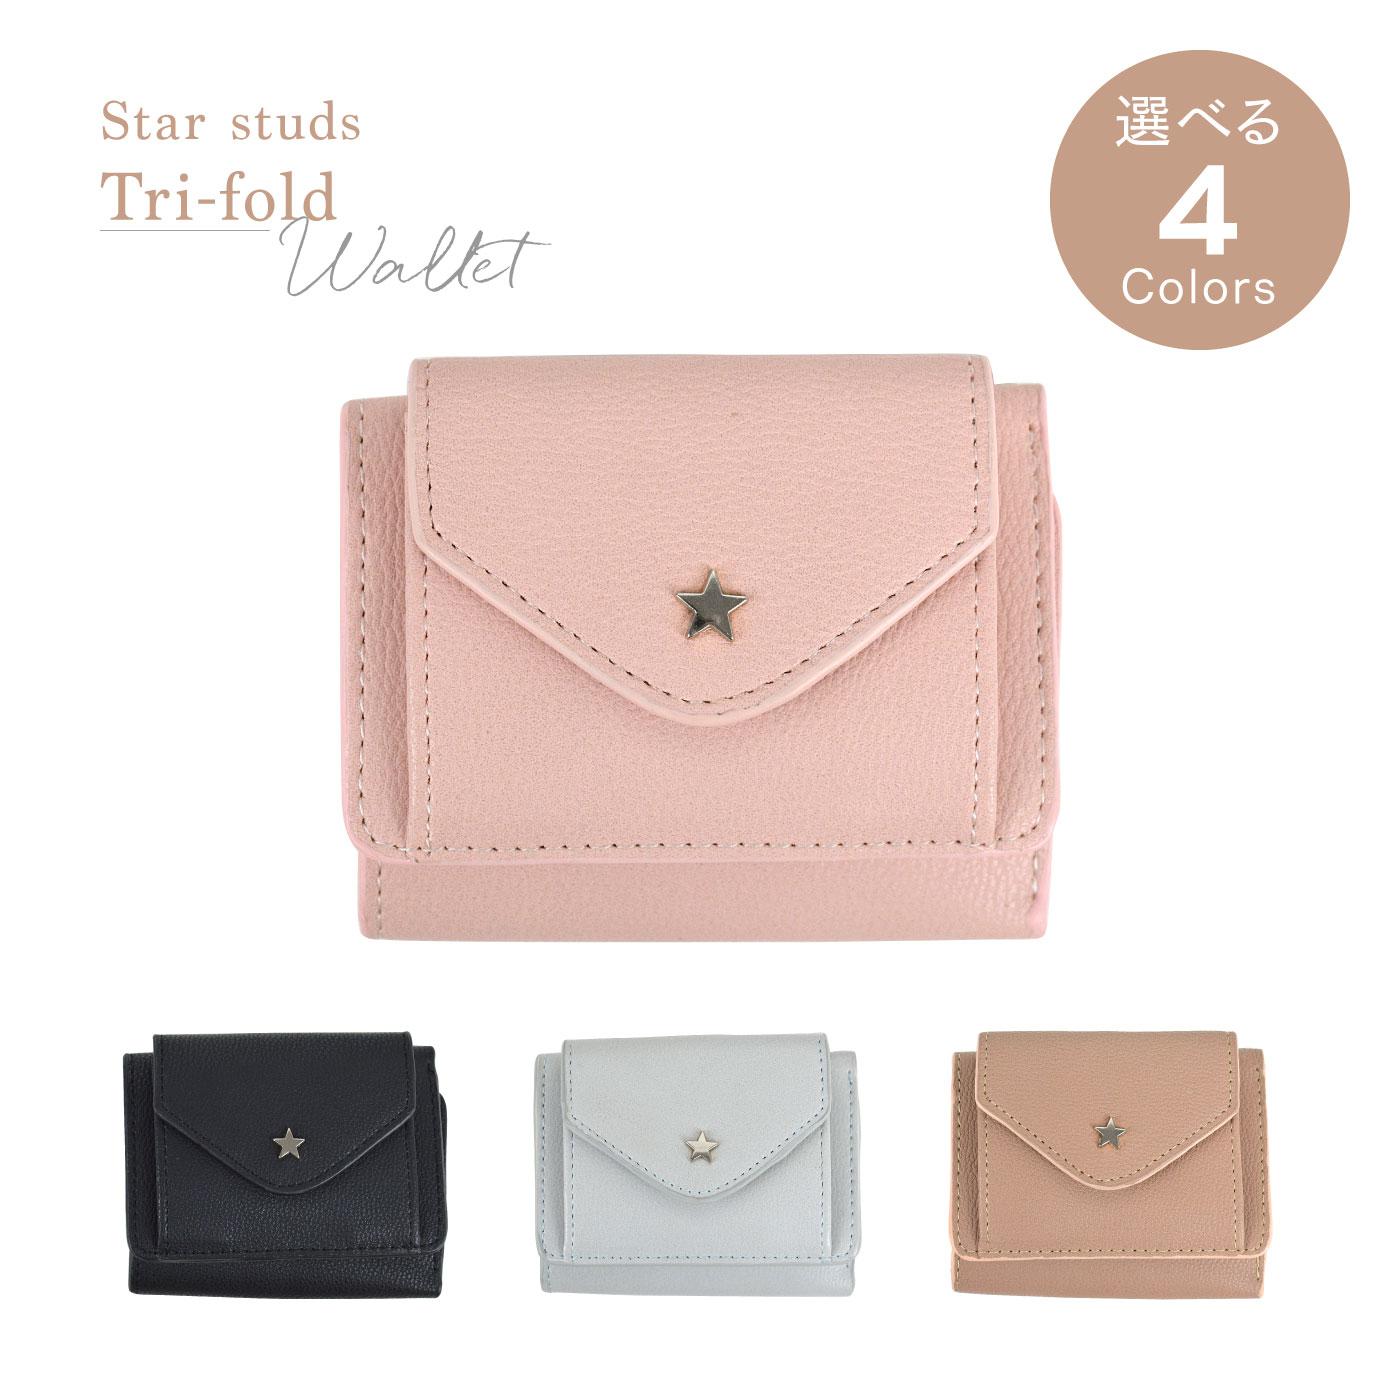 星のスタッズがおしゃれな 三つ折り財布